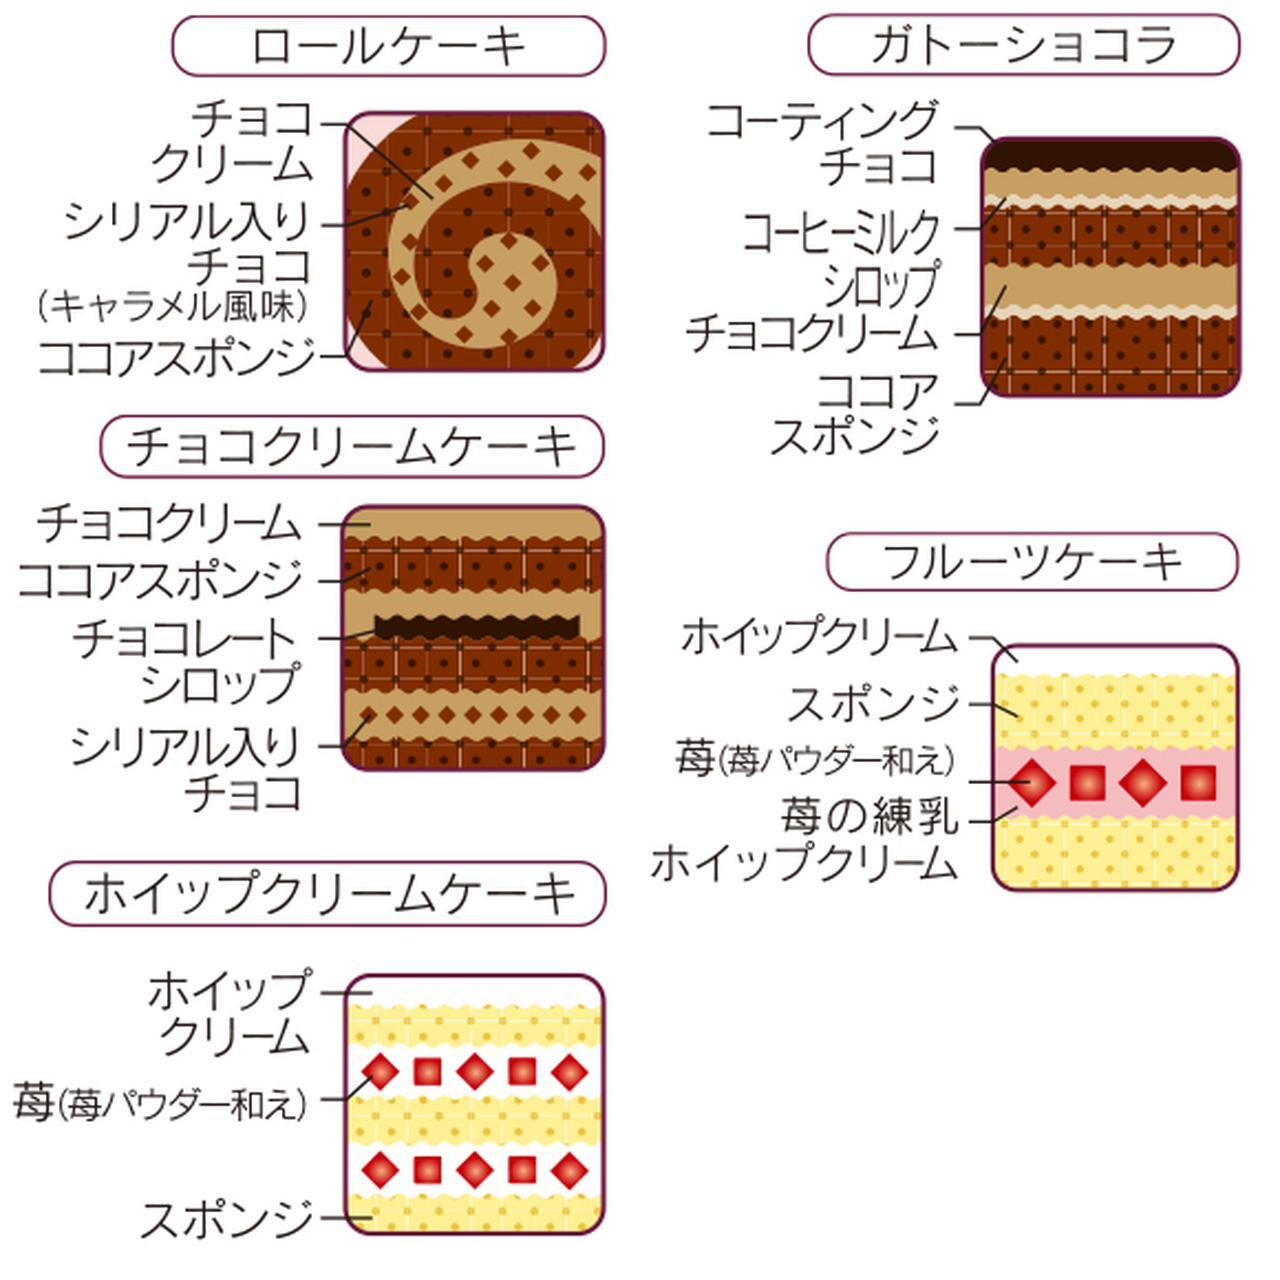 画像: 車両ごとにいろんなケーキの味を楽しんで! www2.chateraise.co.jp